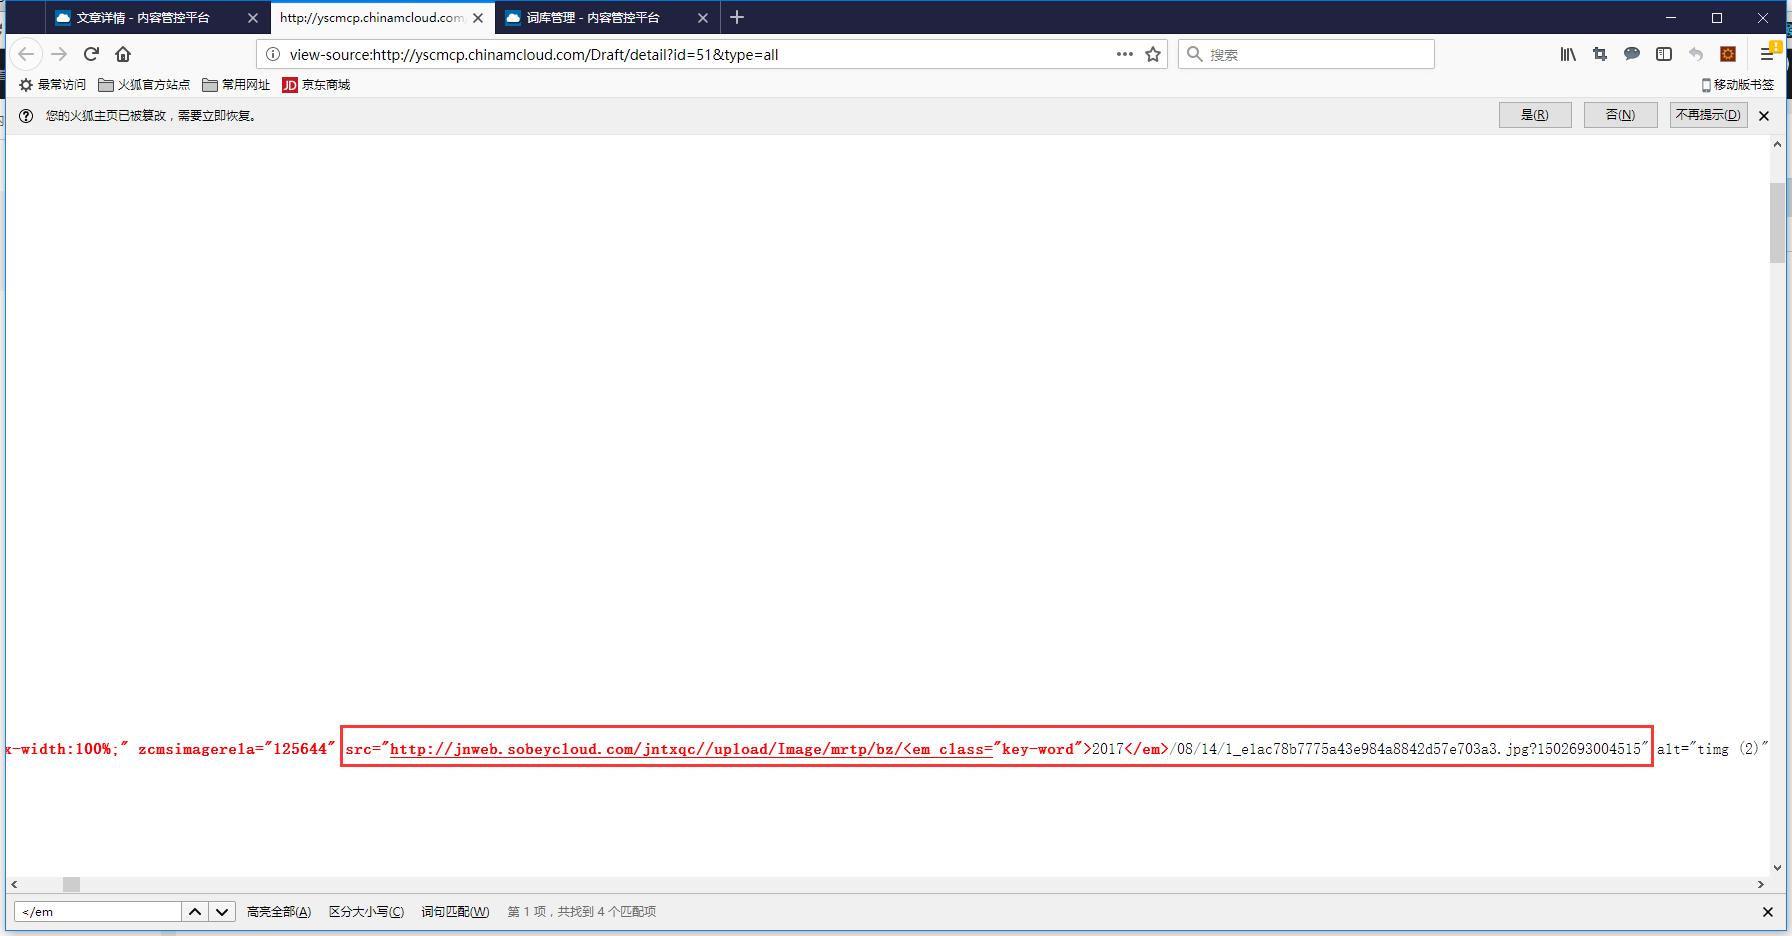 查看源代码,src 属性的值被标红